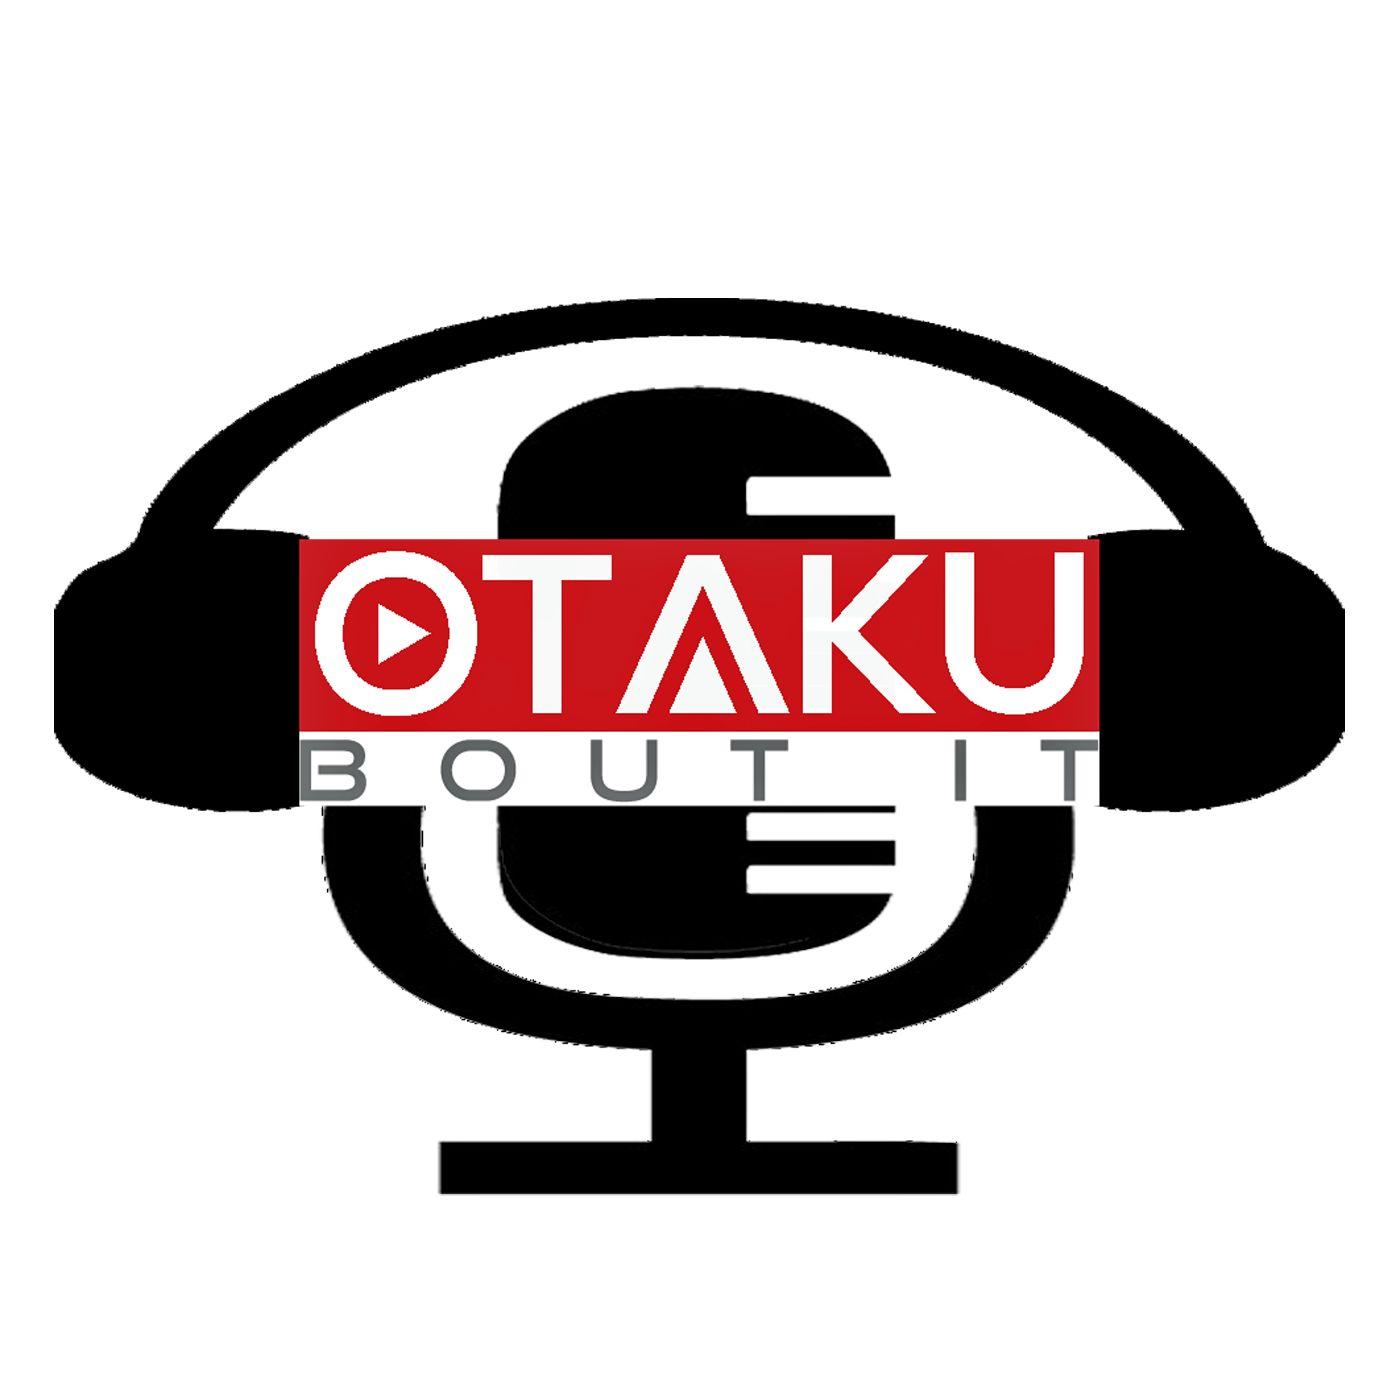 Otaku Bout It Podcast